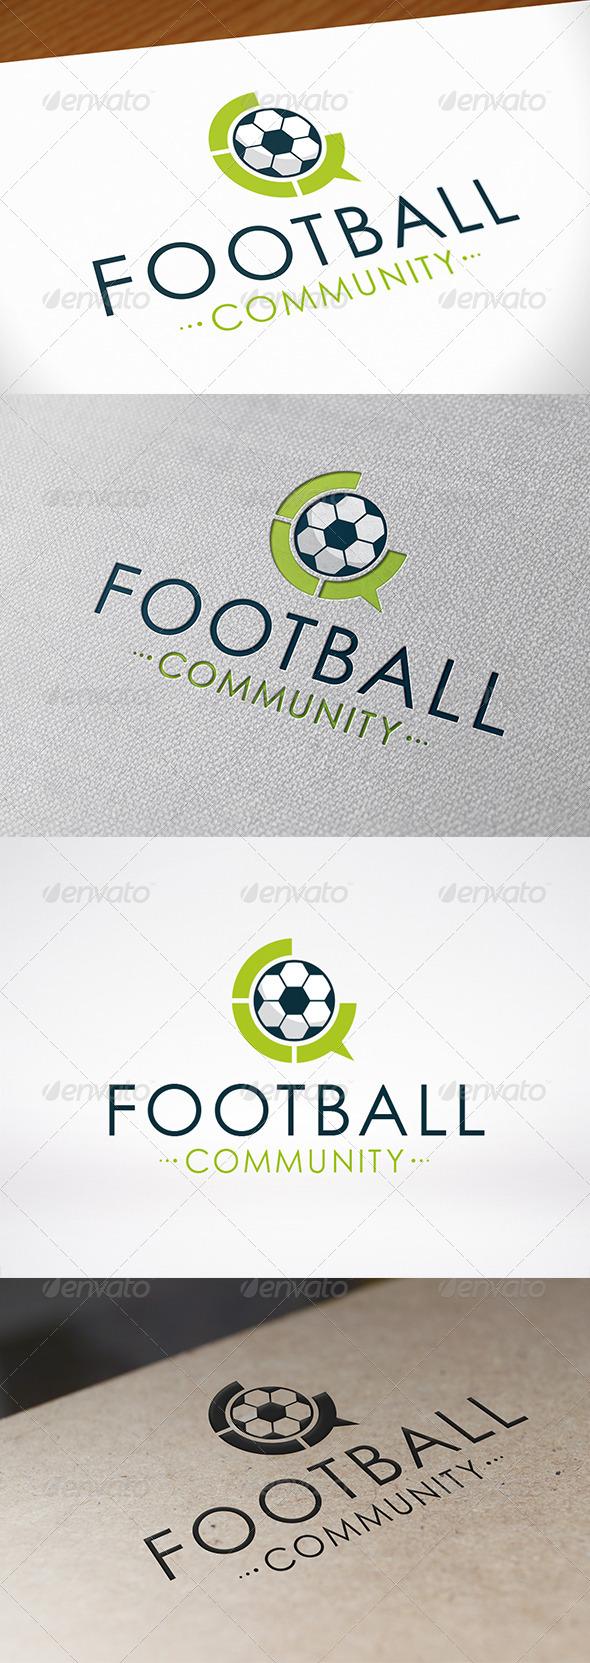 Logotipo para Peñas Deportivas y Foros de Fútbol.